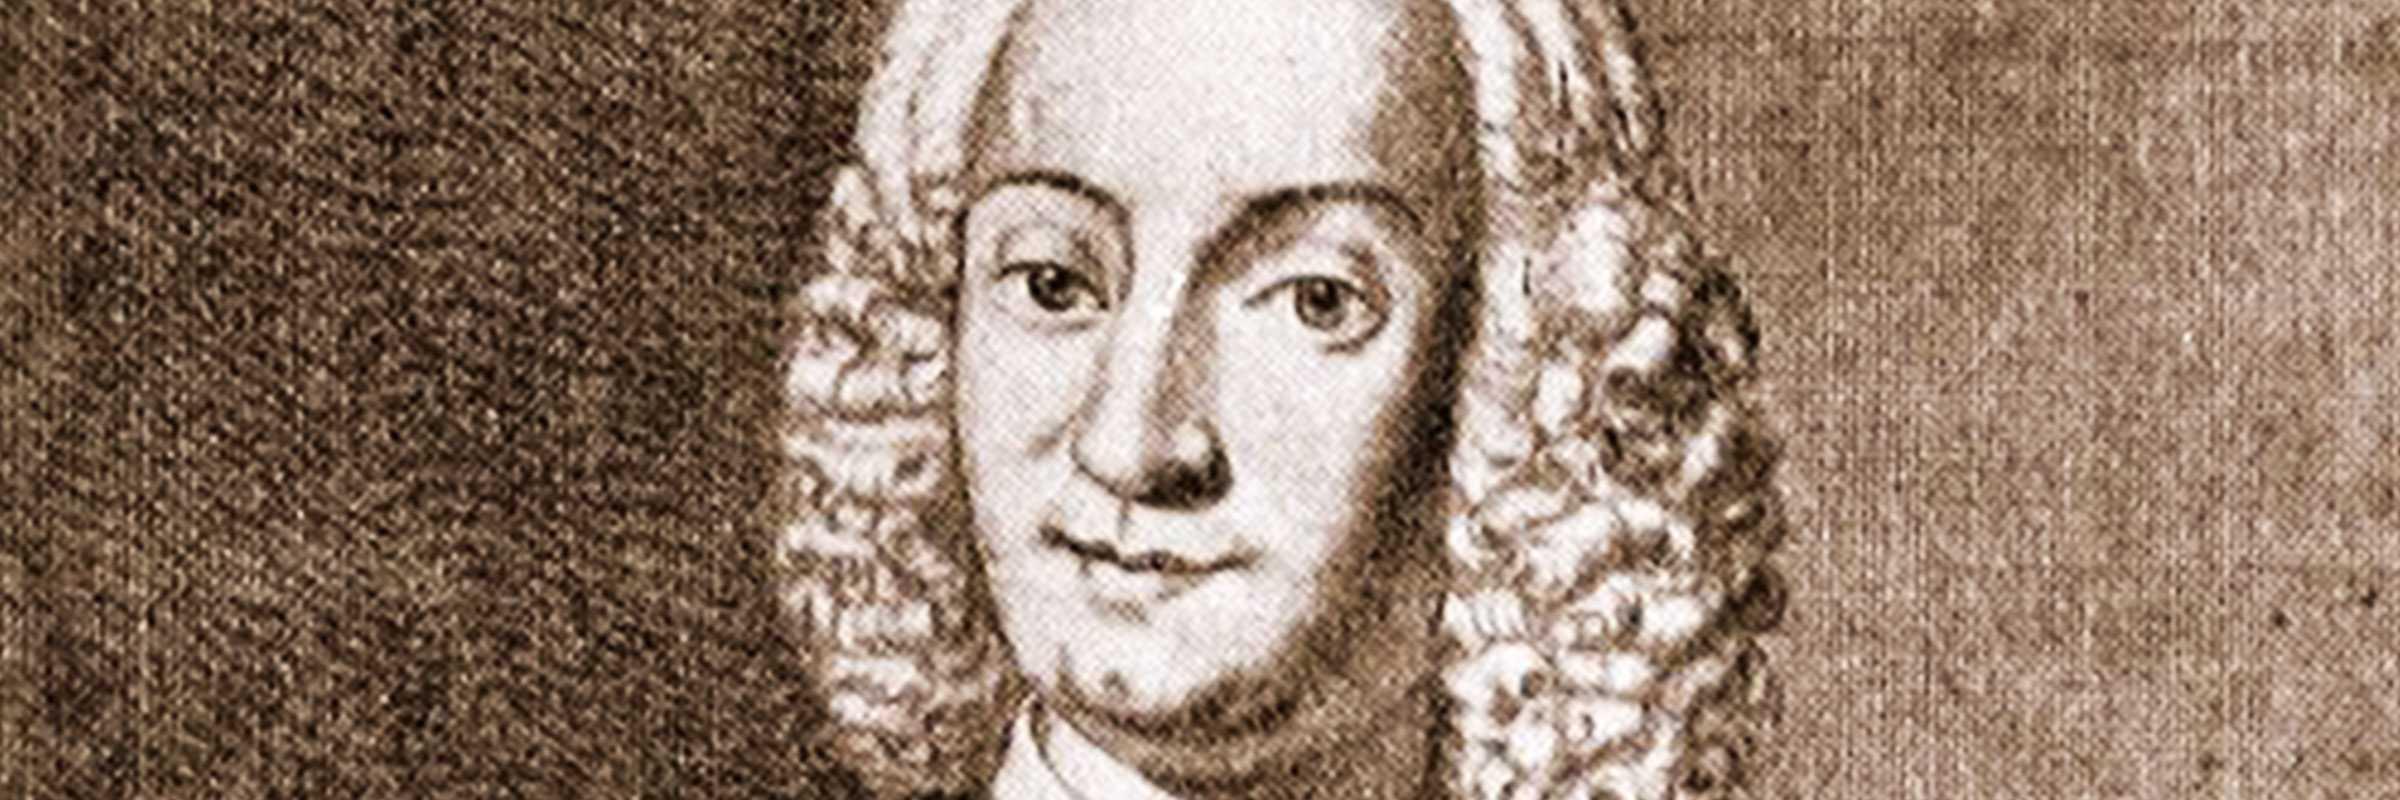 Ritratto in incisione di Antonio Vivaldi.